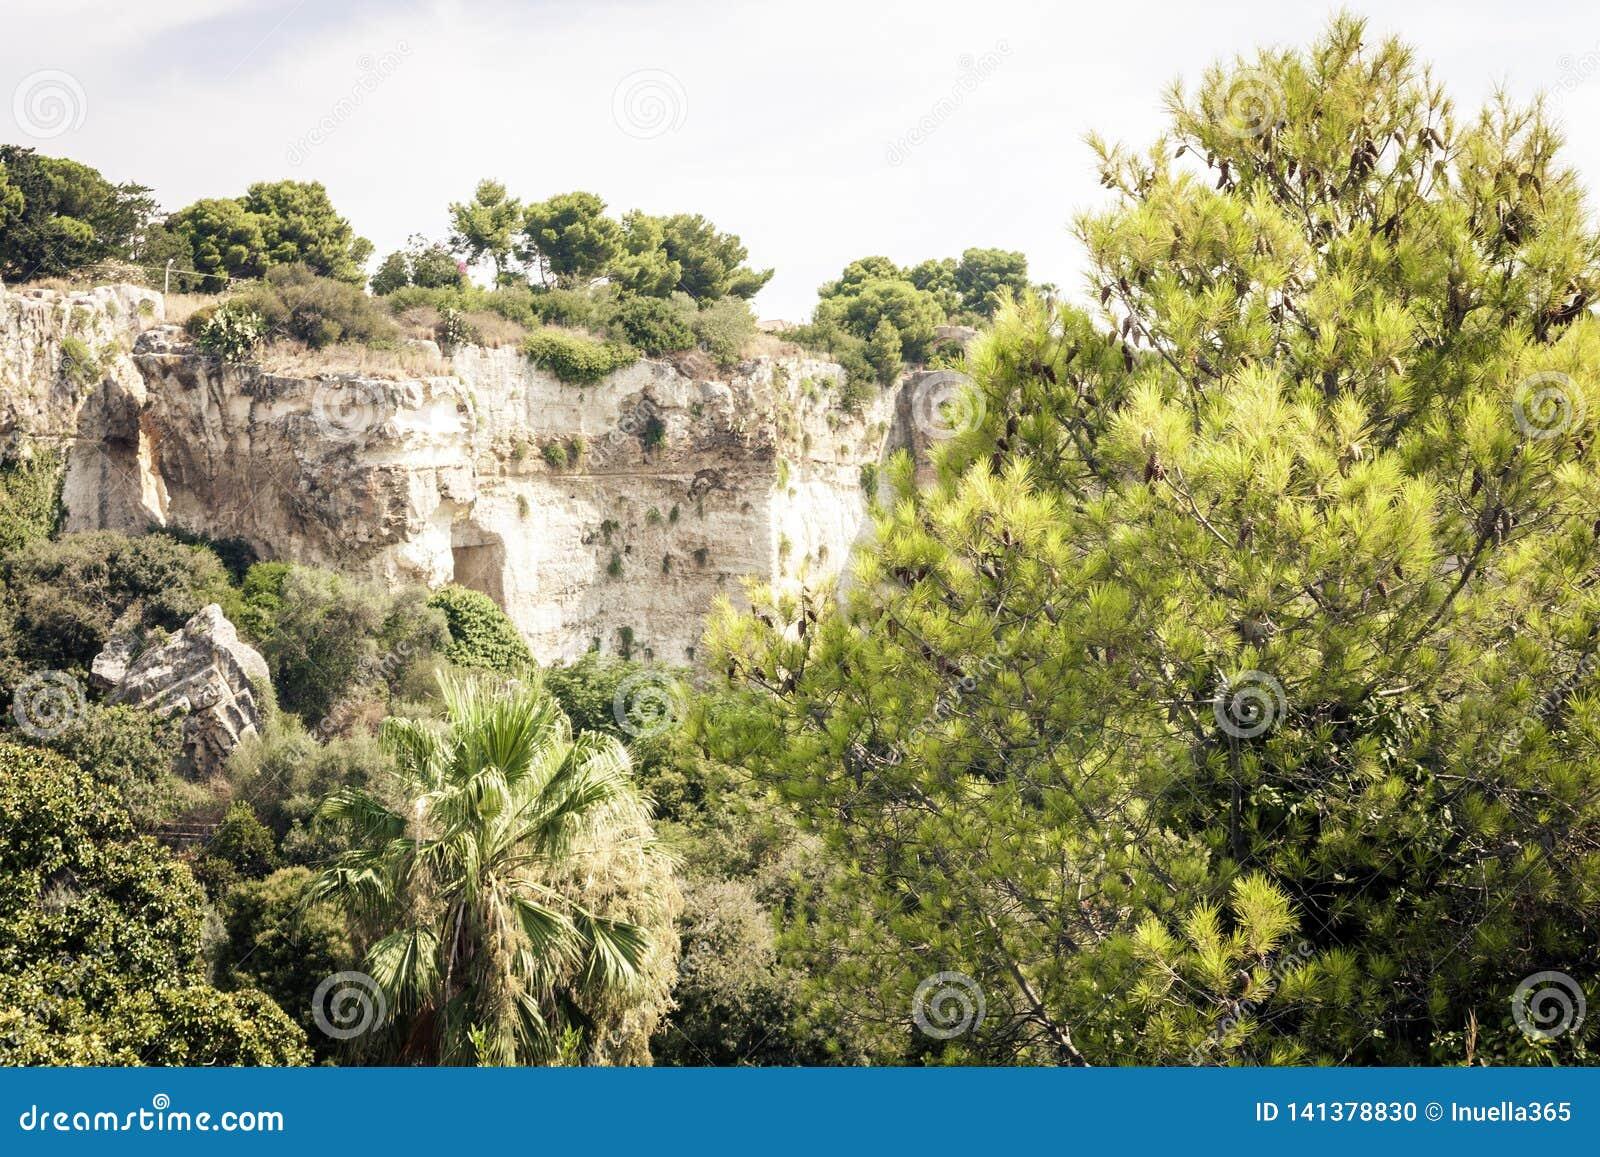 Parco archeologico, rocce vicino al teatro greco di Siracusa, rovine del monumento antico, Sicilia, Italia